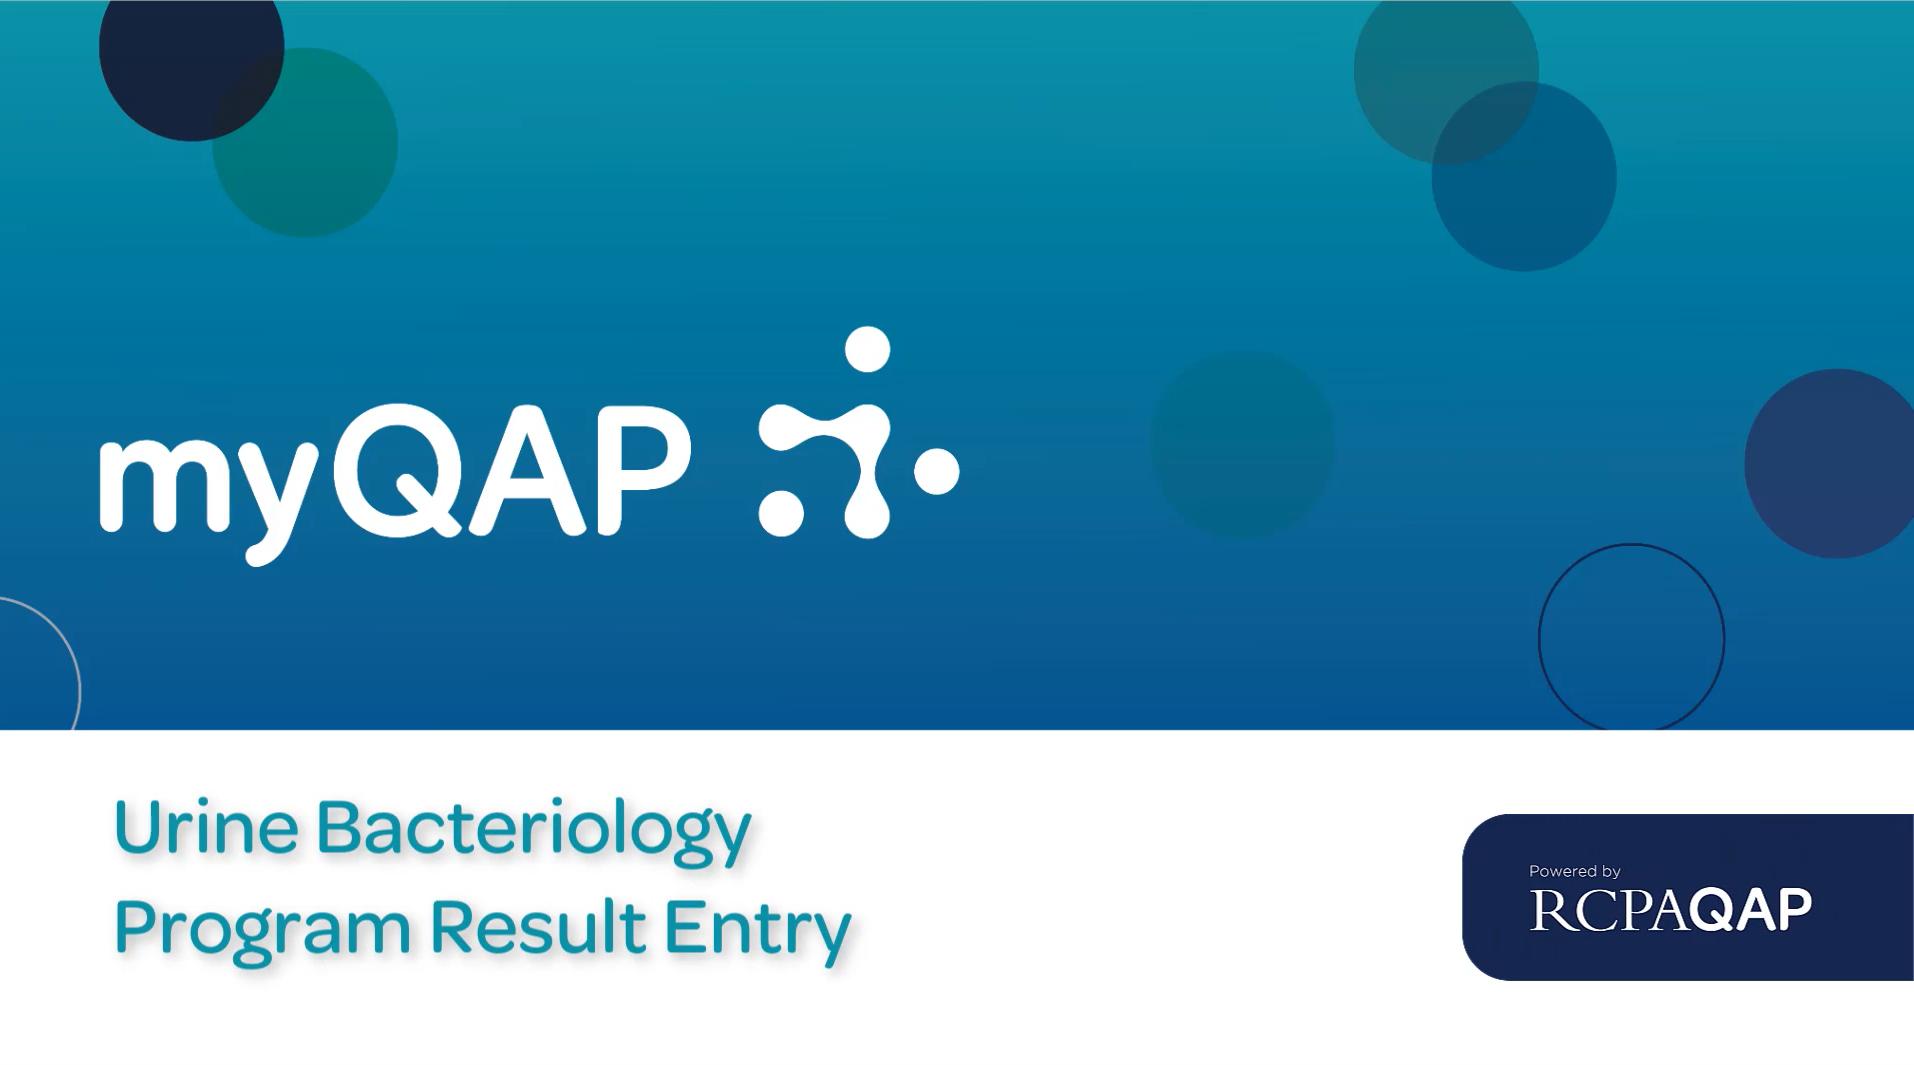 UPDATED – Urine Bacteriology Program Result Entry